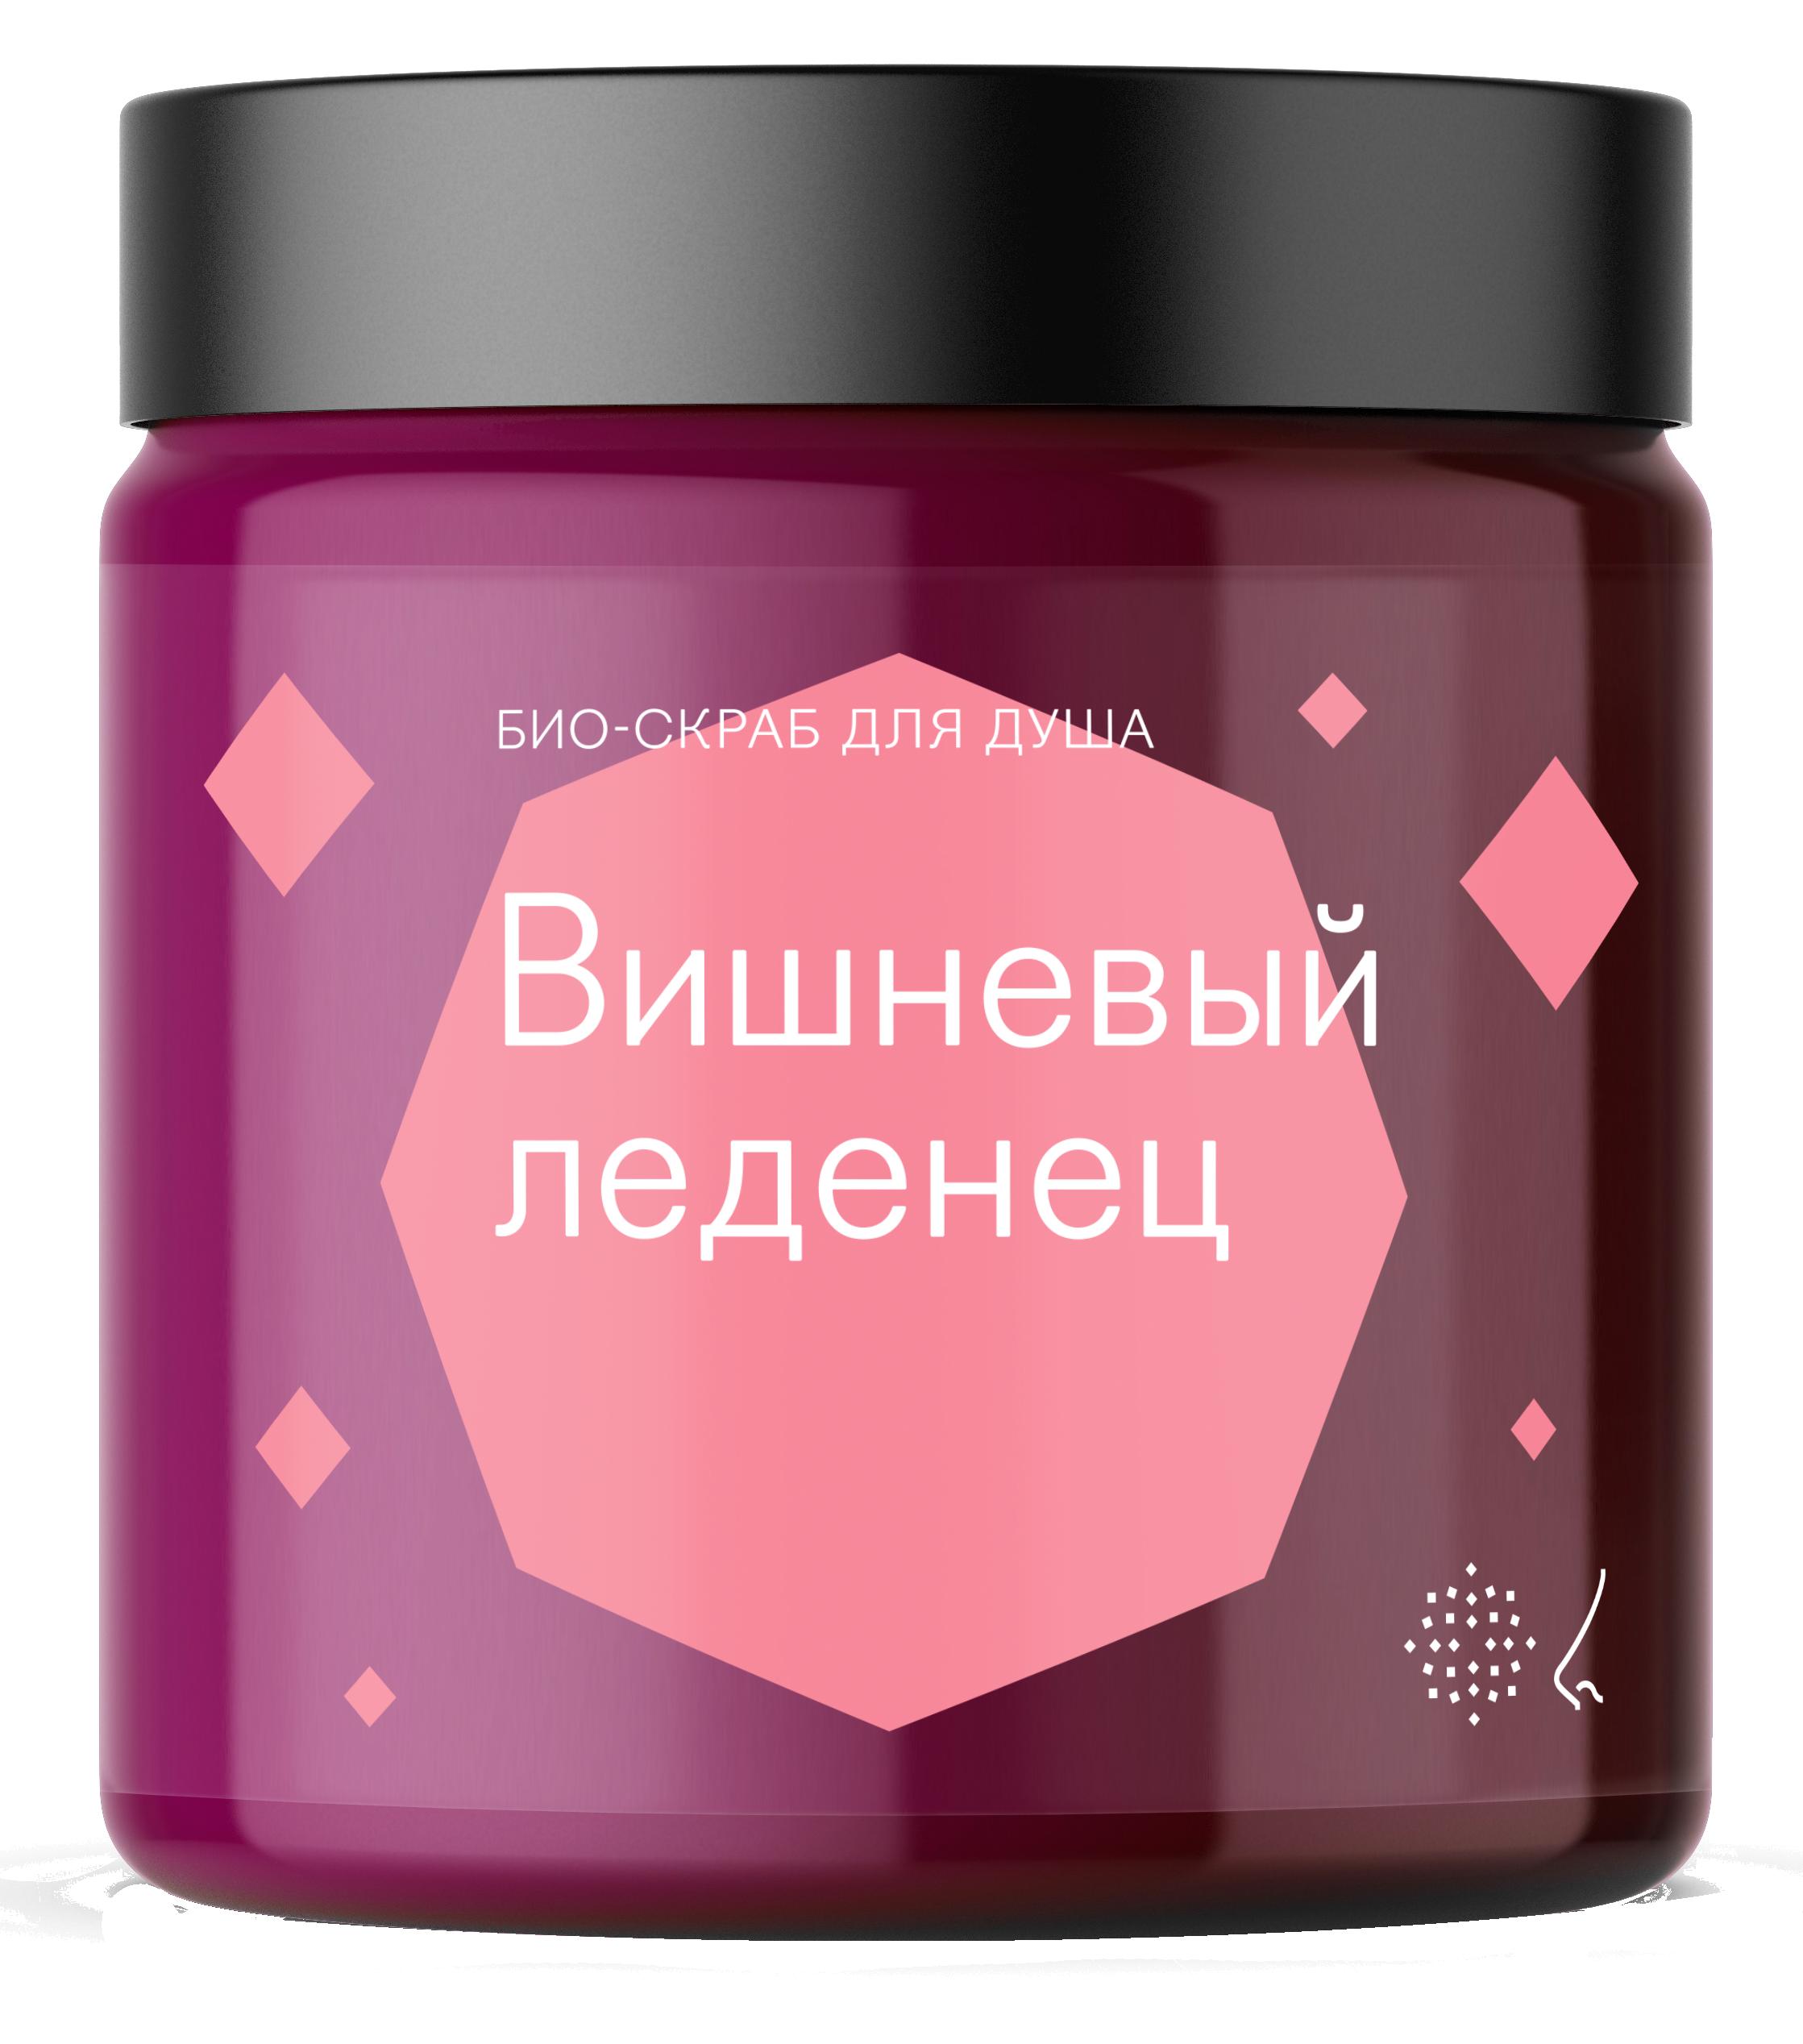 Библиотека ароматов Скраб для тела «Вишневый леденец» (Cherry Candy) 125мл фото